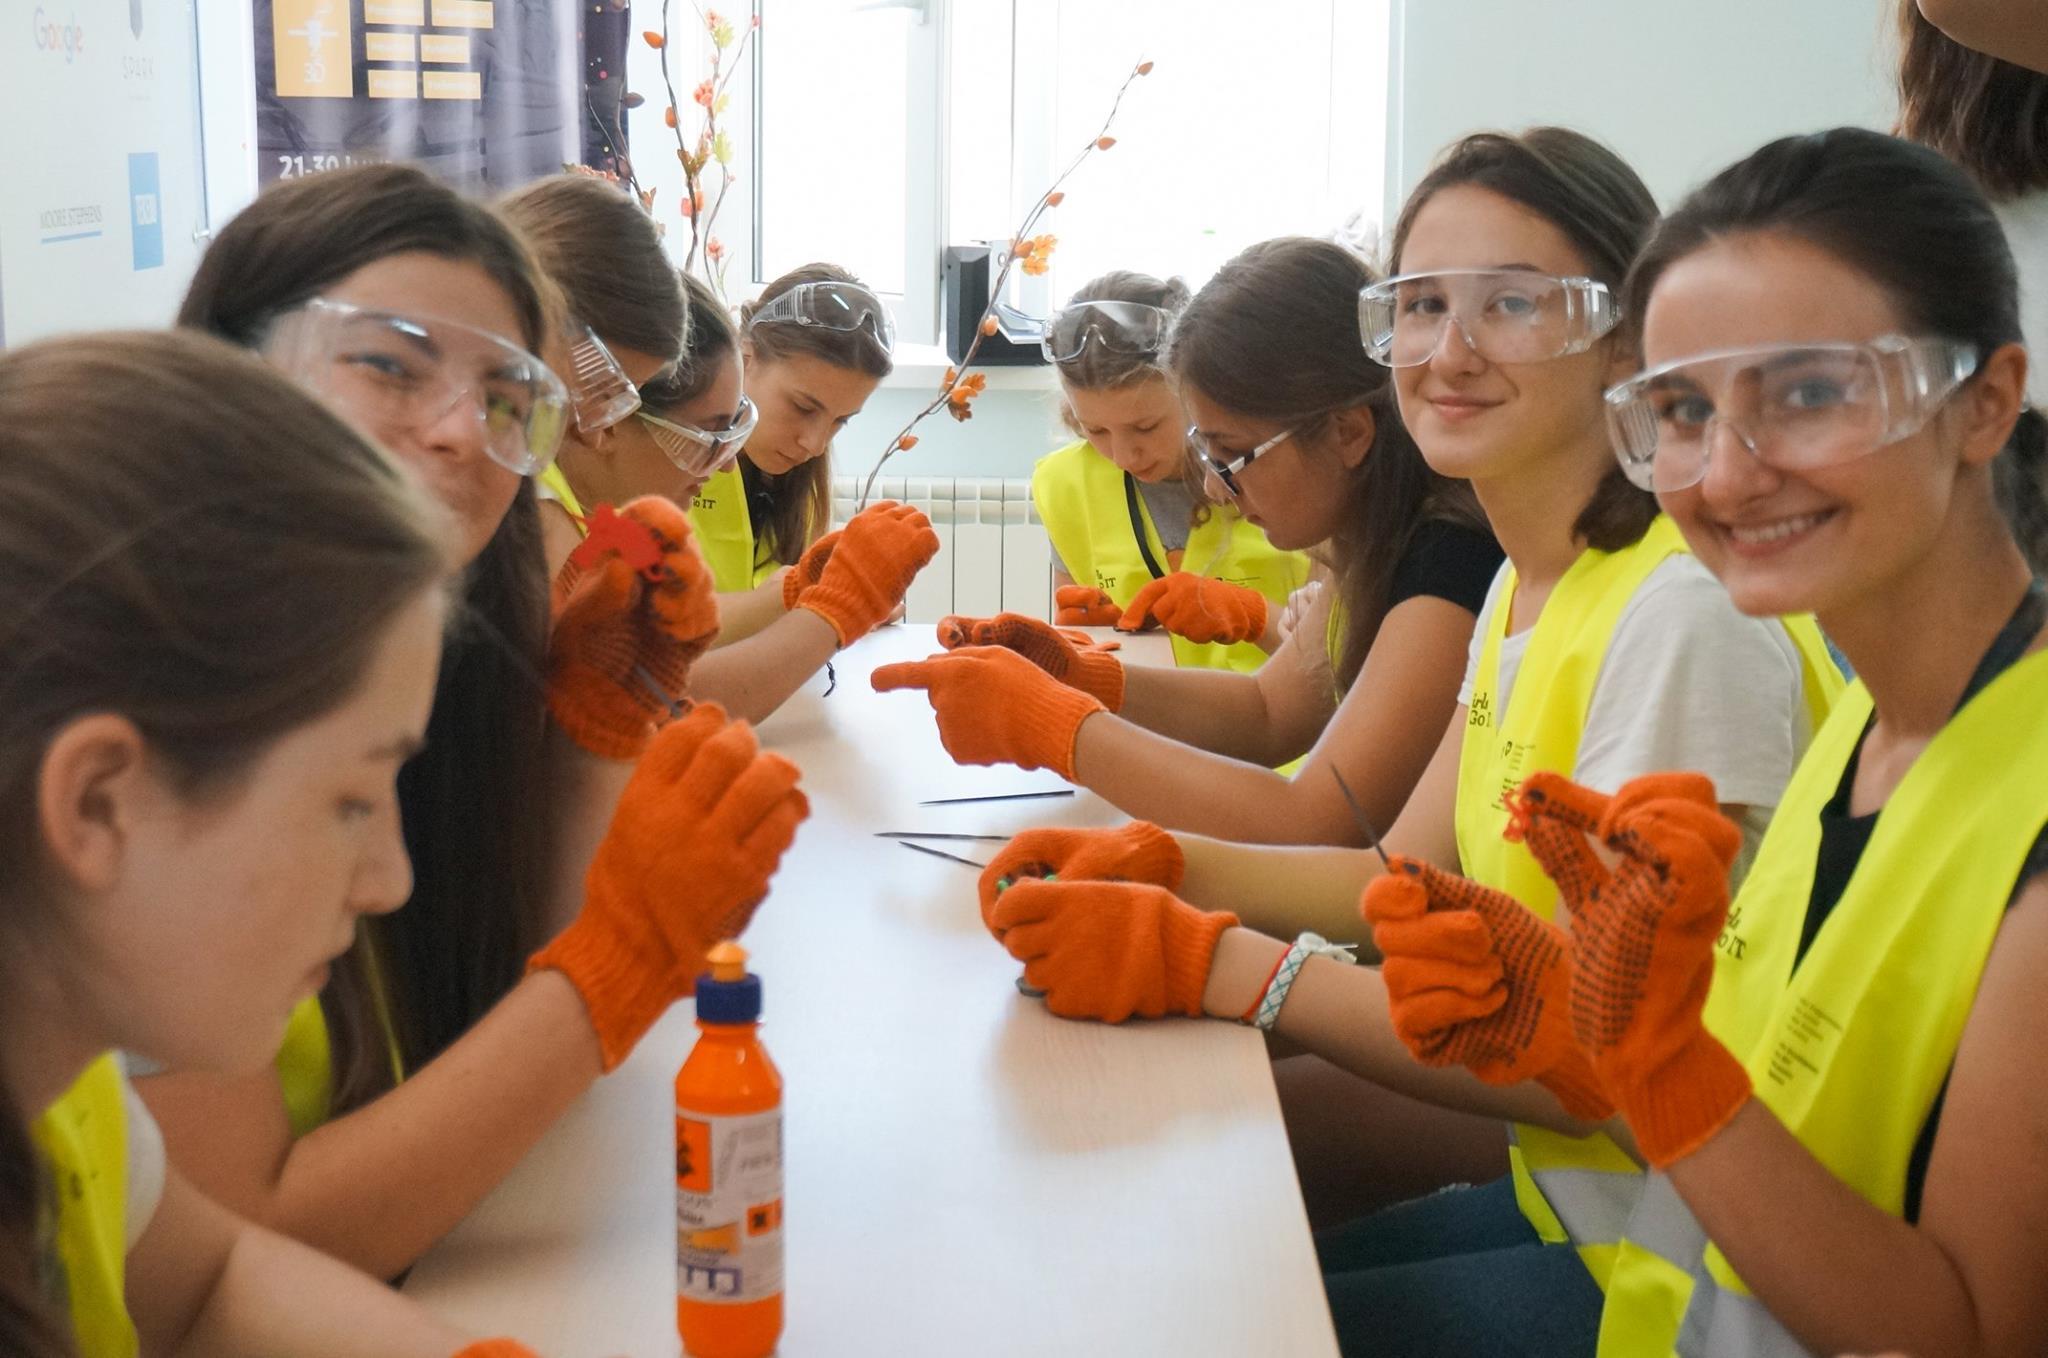 65 de fete din 13 regiuni ale țării au participat la cea de-a treia ediție a taberei de vară GirlsGoIT